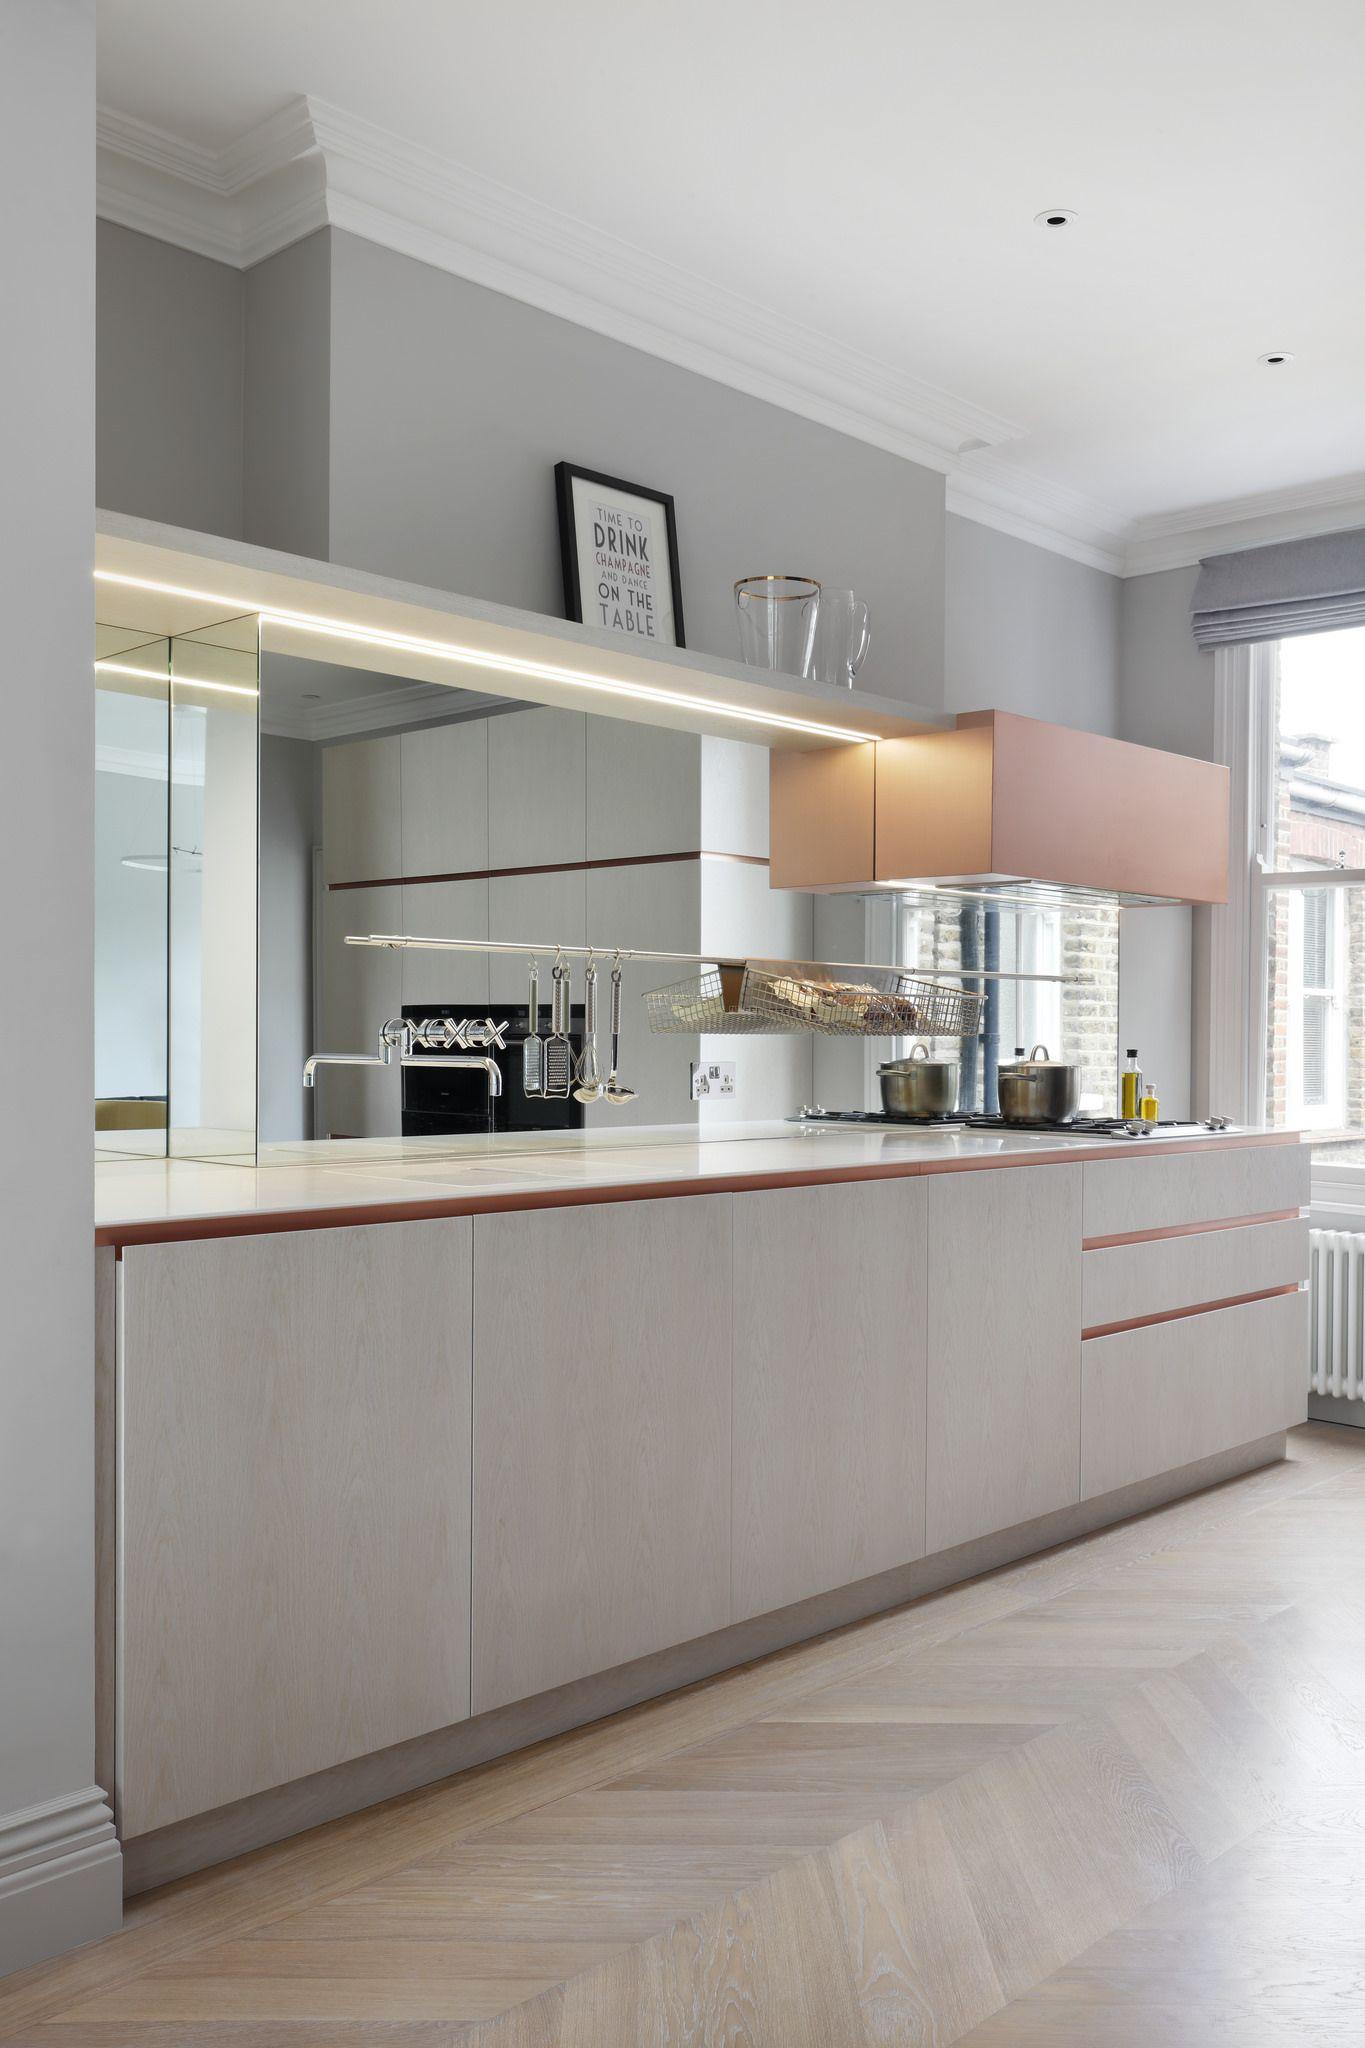 Weiß gelbe küchenideen elgin avenue by mwai architecture u interiors  küche rund ums haus